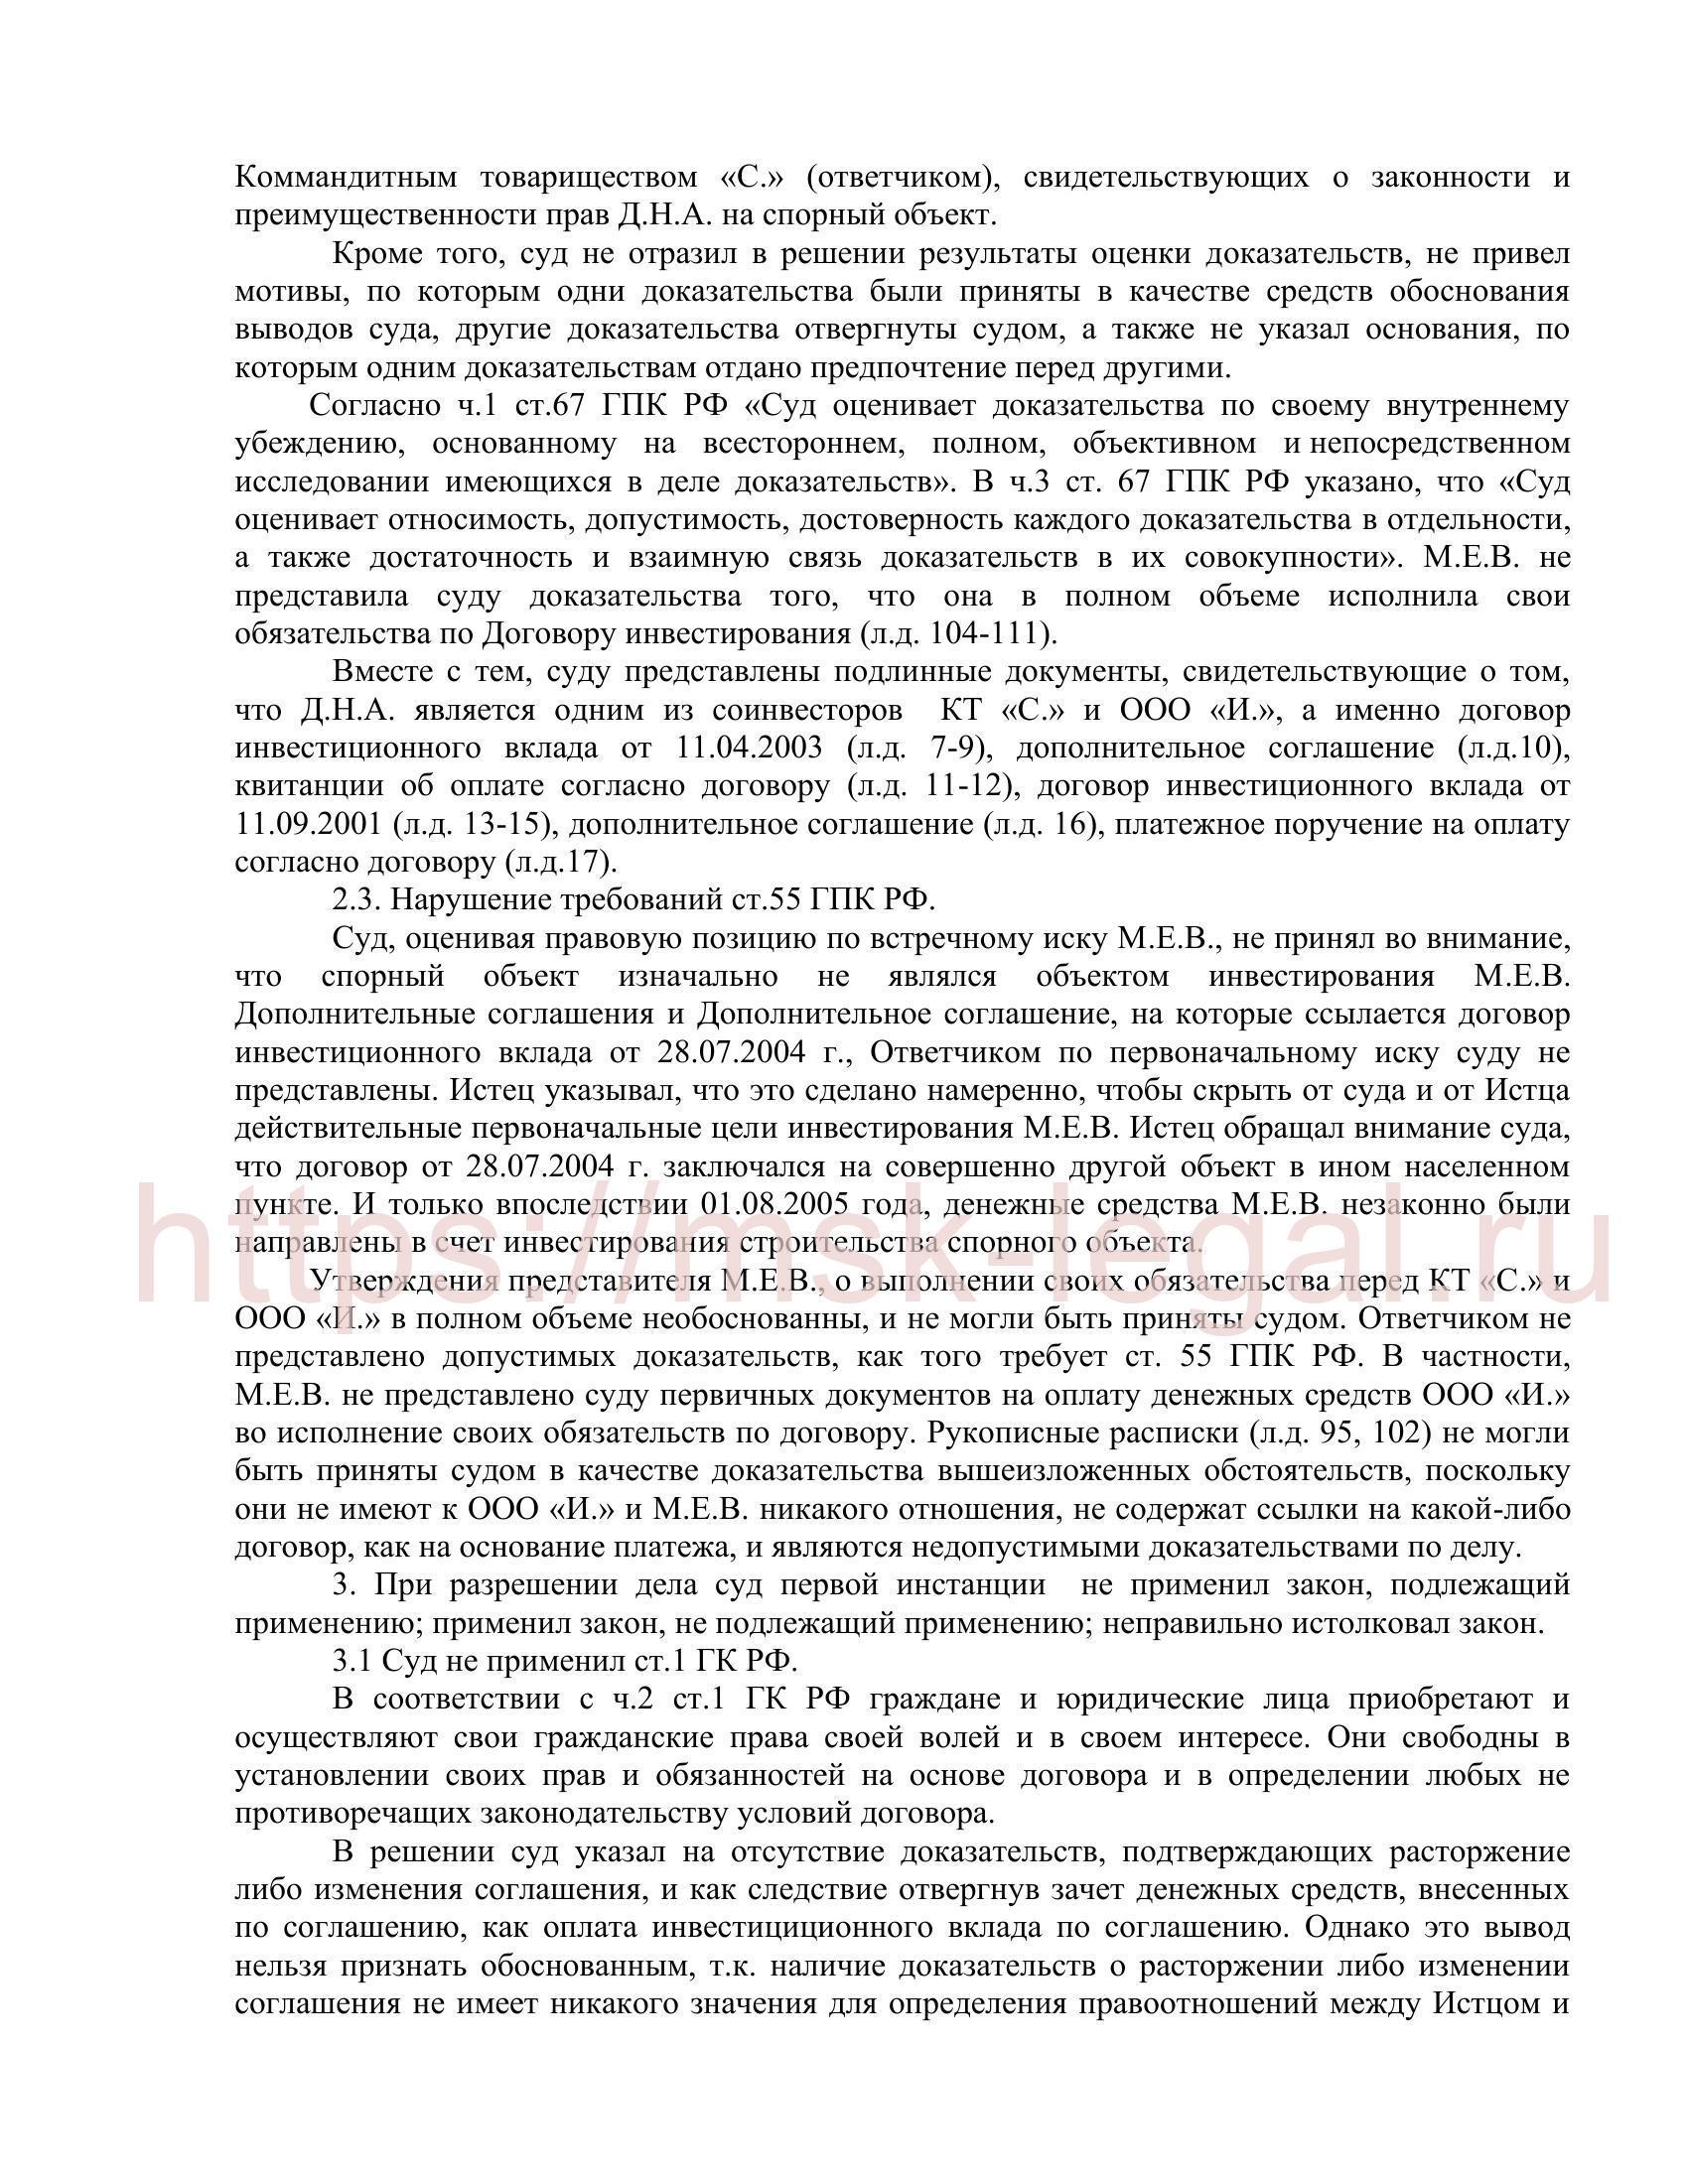 Апелляционная жалоба по делу о признании права собственности